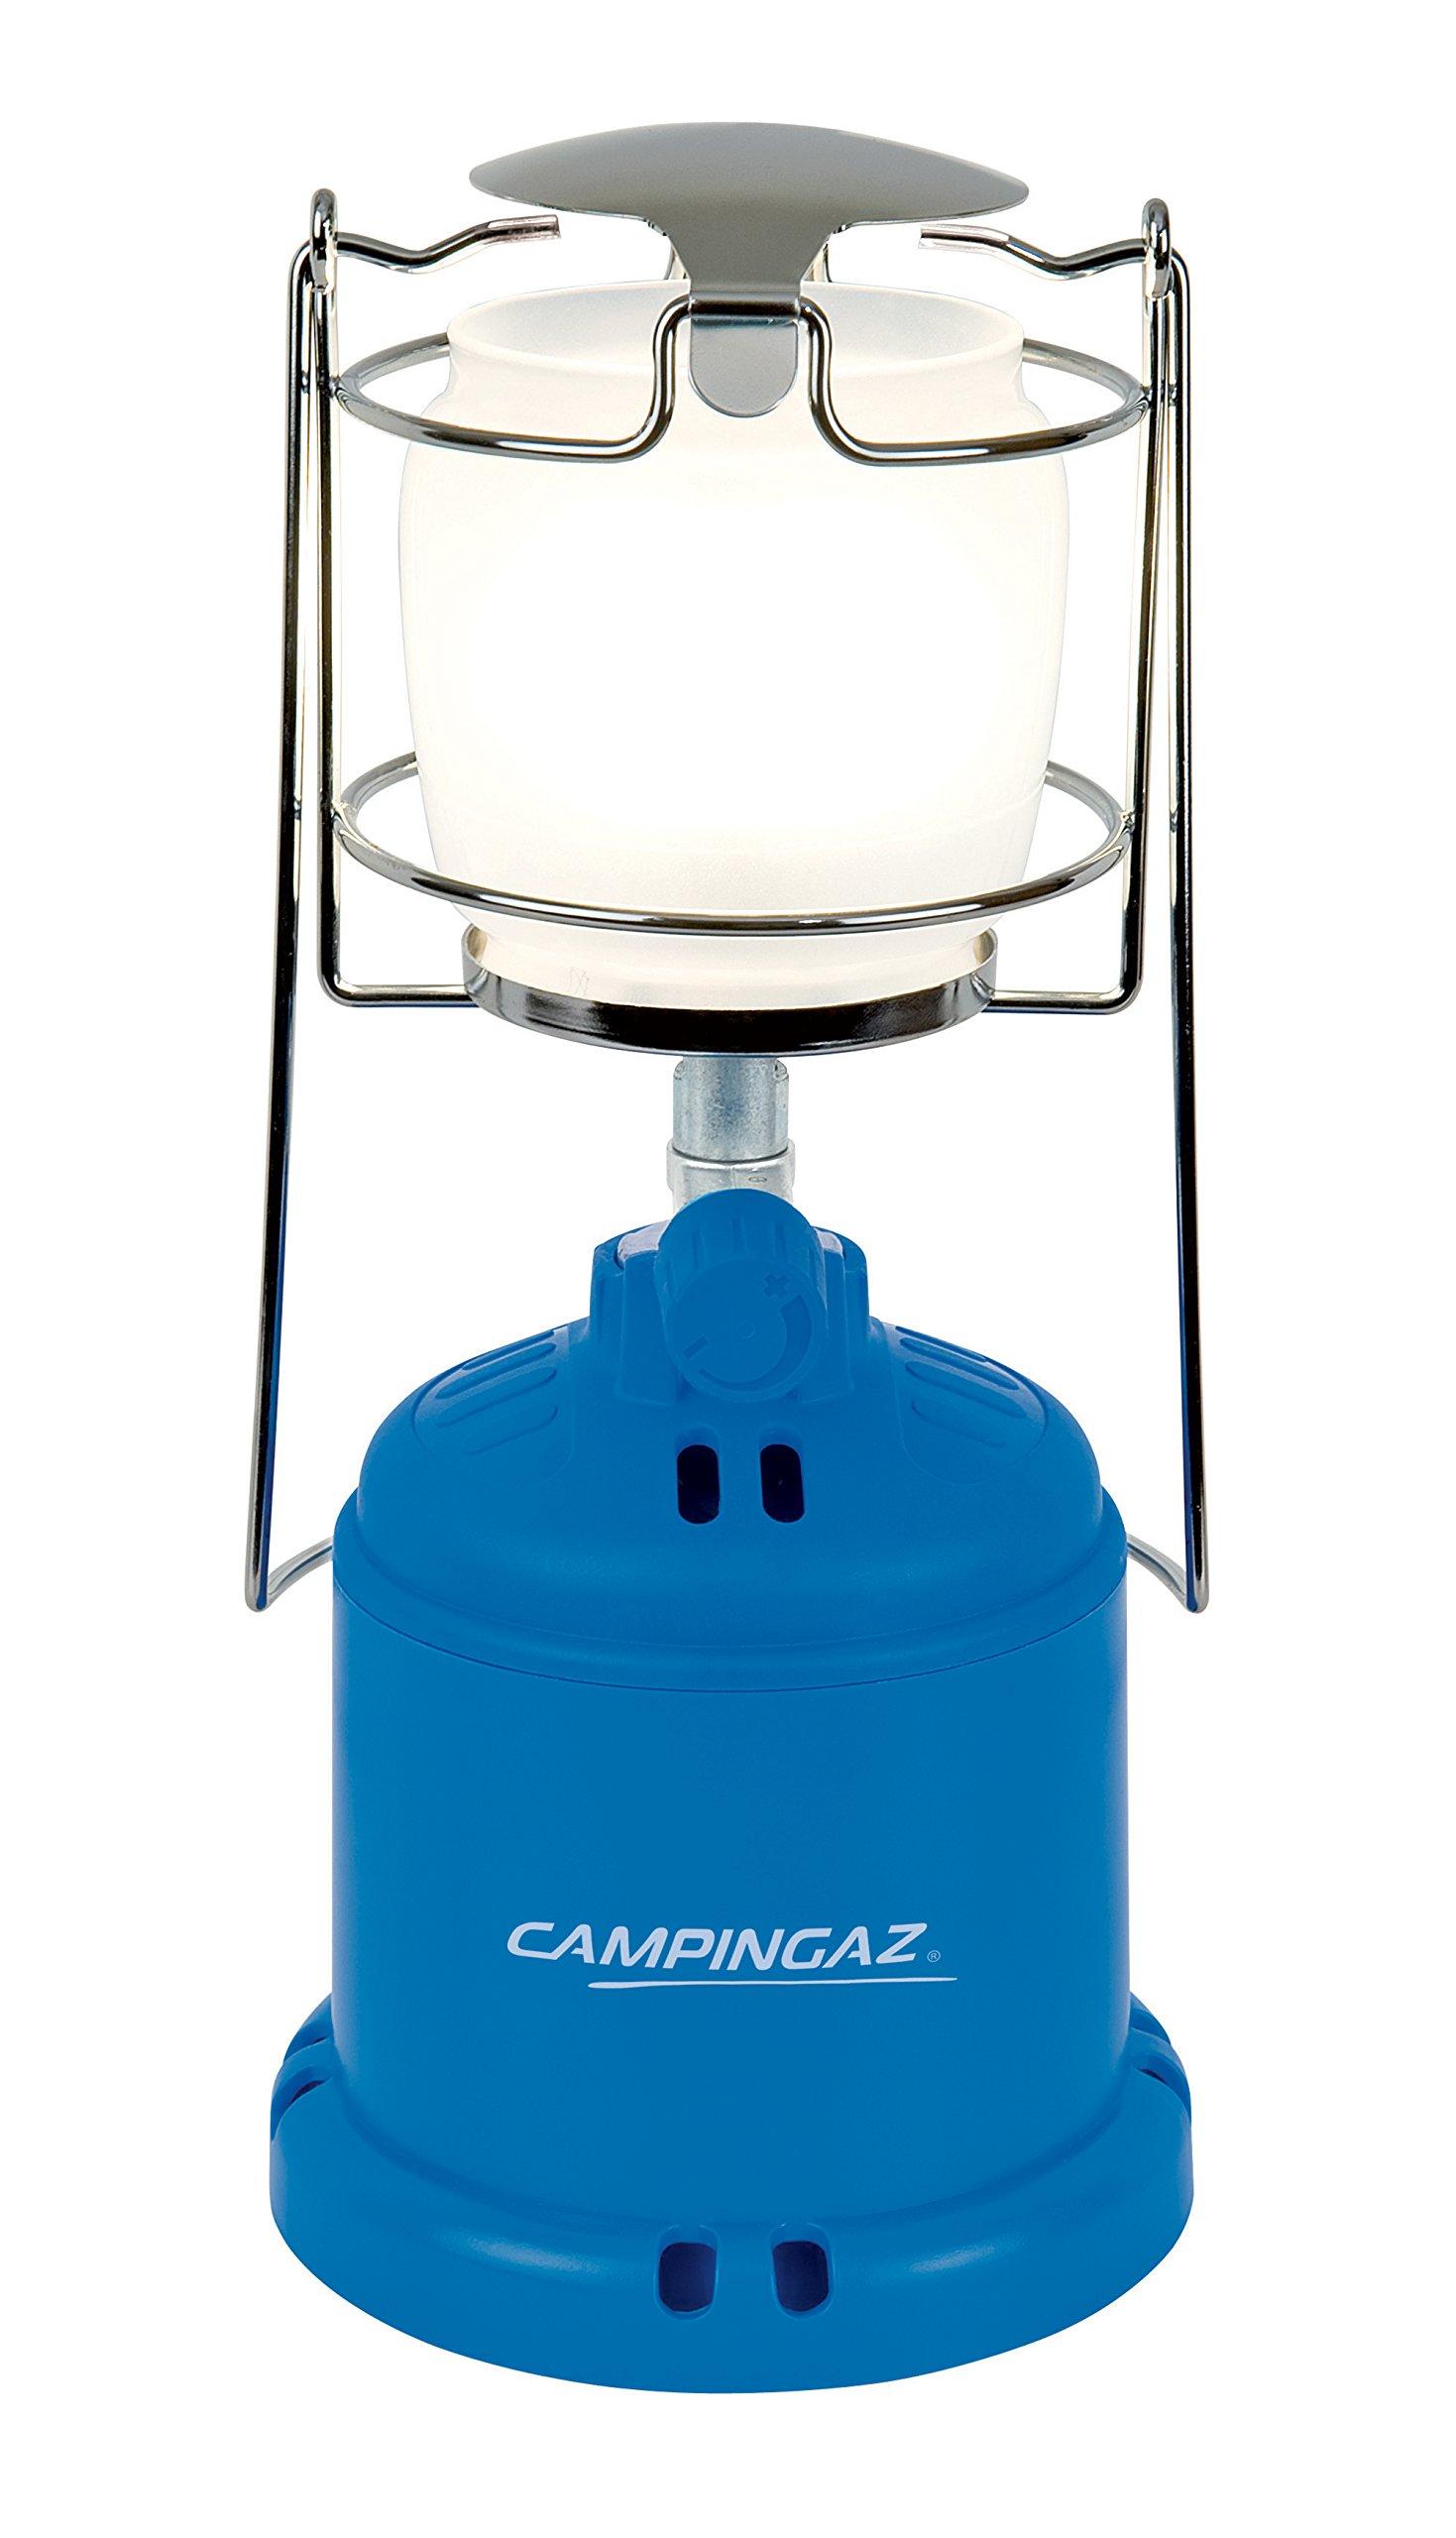 Campingaz Gaslampe Camping 206 - Lámpara de Acampada: Amazon.es: Deportes y aire libre